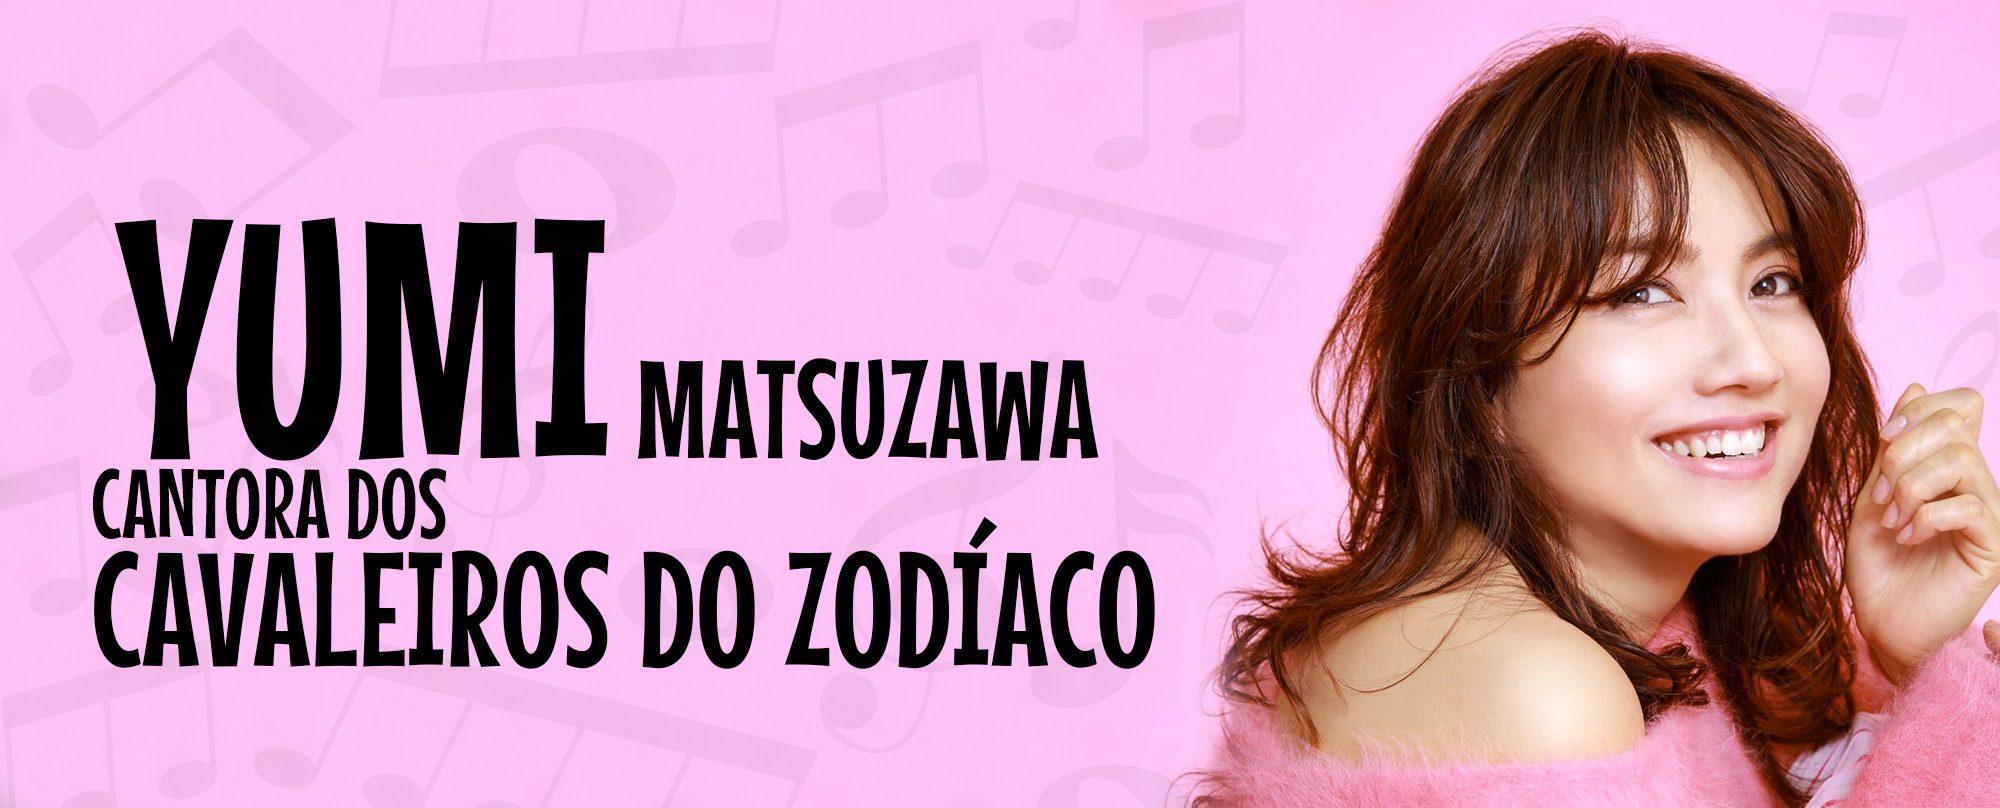 Convidado Yumi Matsuzawa Iberanime